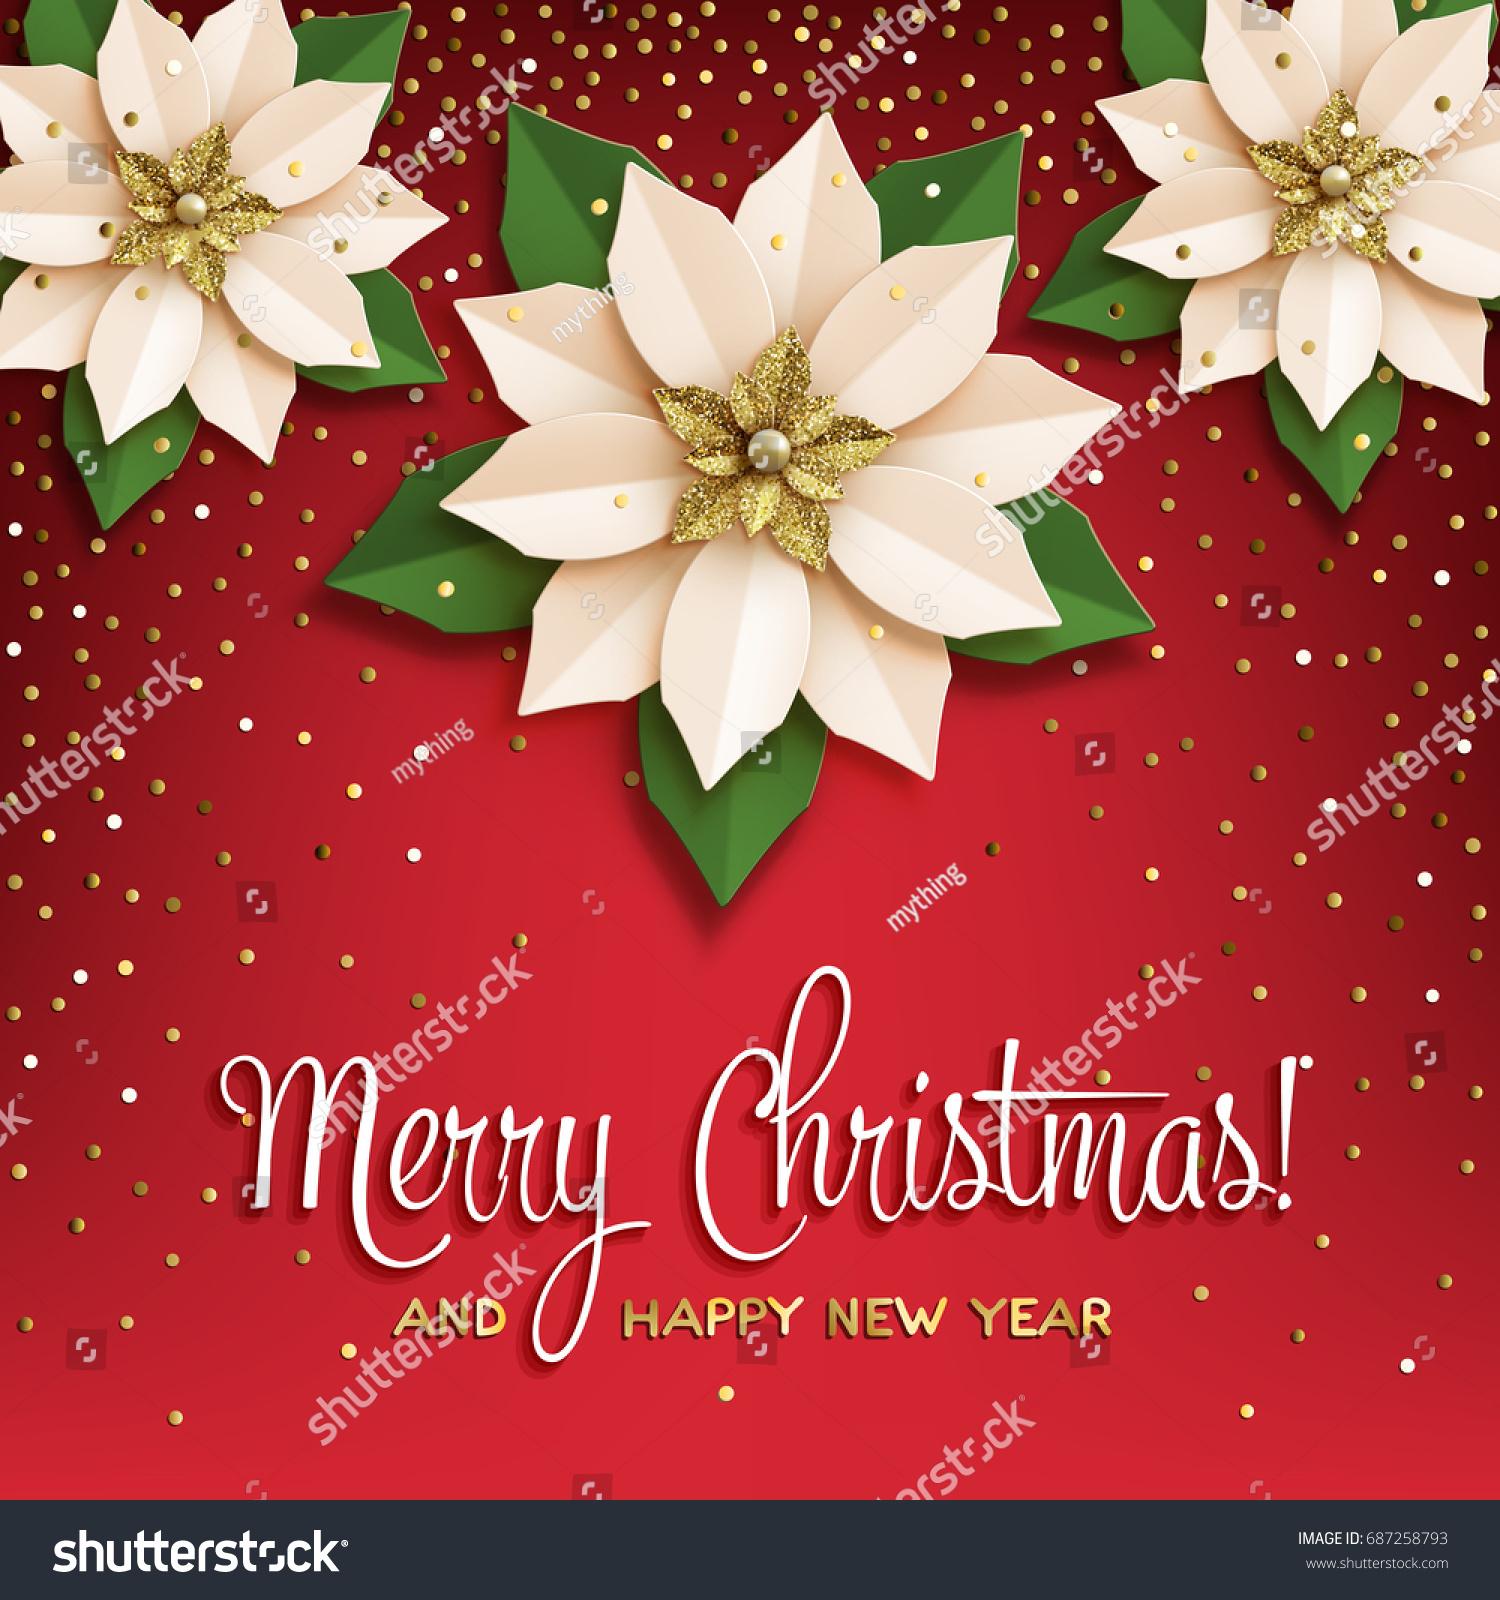 Christmas Star Poster Paper Poinsettia White Stock Vector 687258793